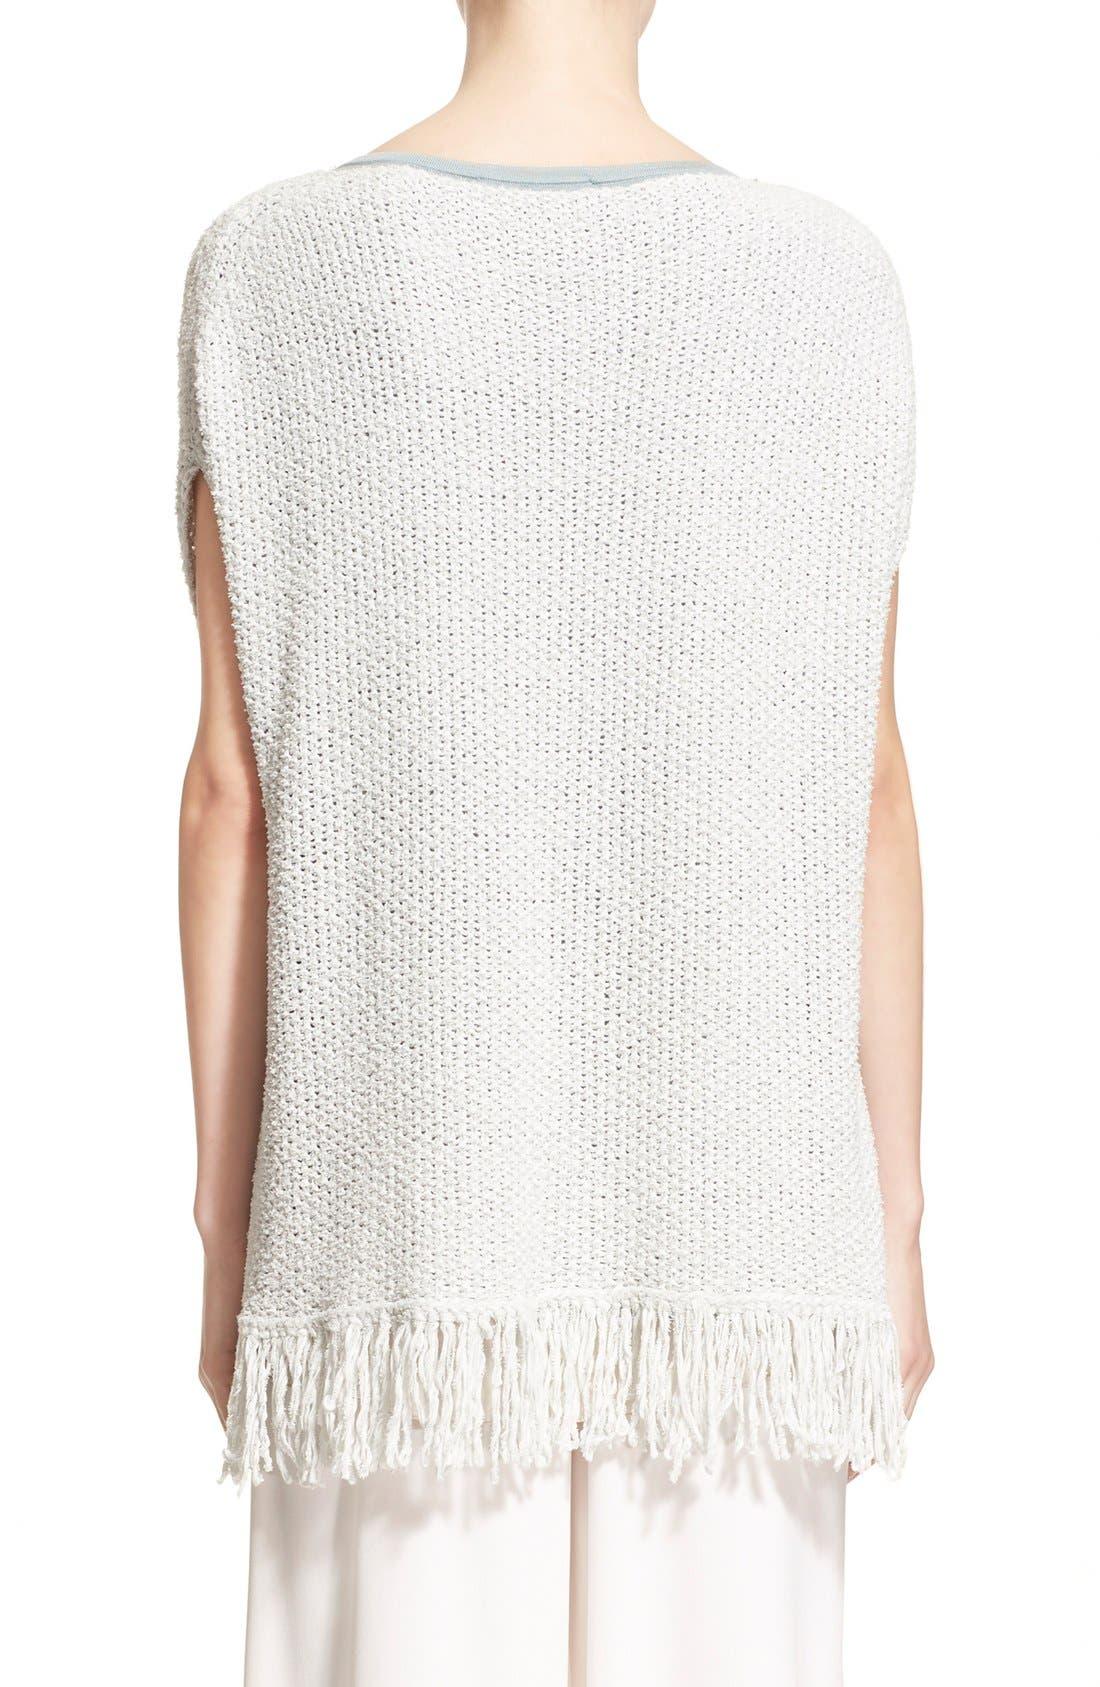 Alternate Image 2  - Fabiana Filippi Fringe Trim Cotton Blend Poncho Sweater